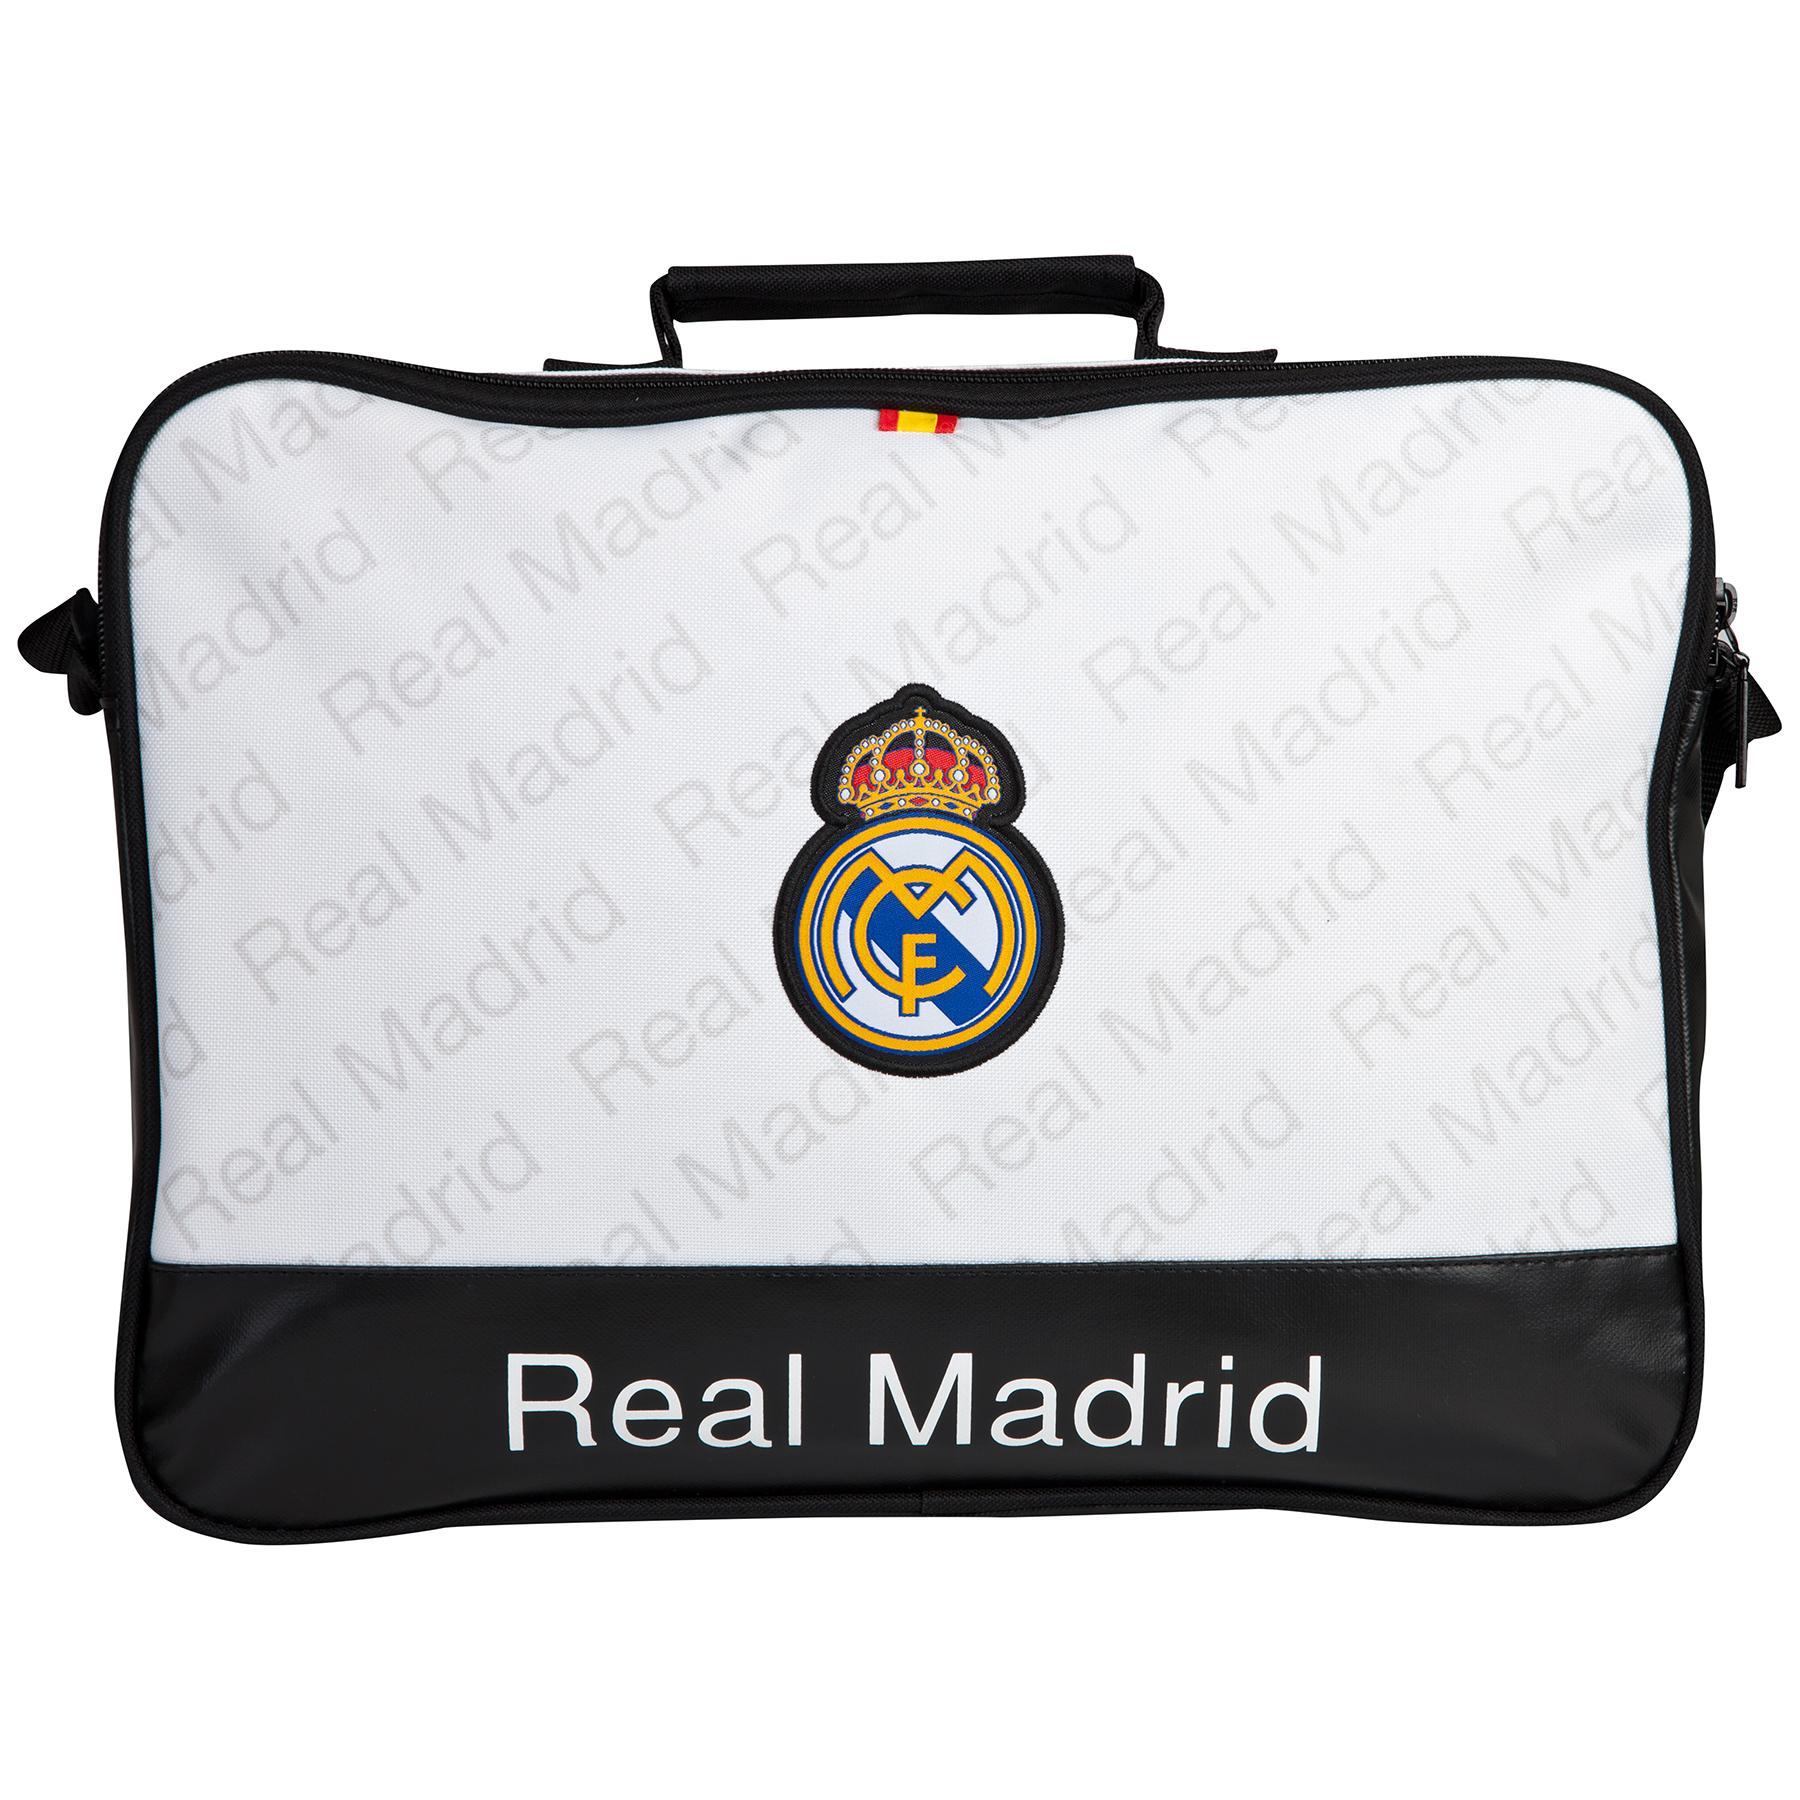 Sacoche pour ordinateur portable Real Madrid - 380 x 60 x 280 mm